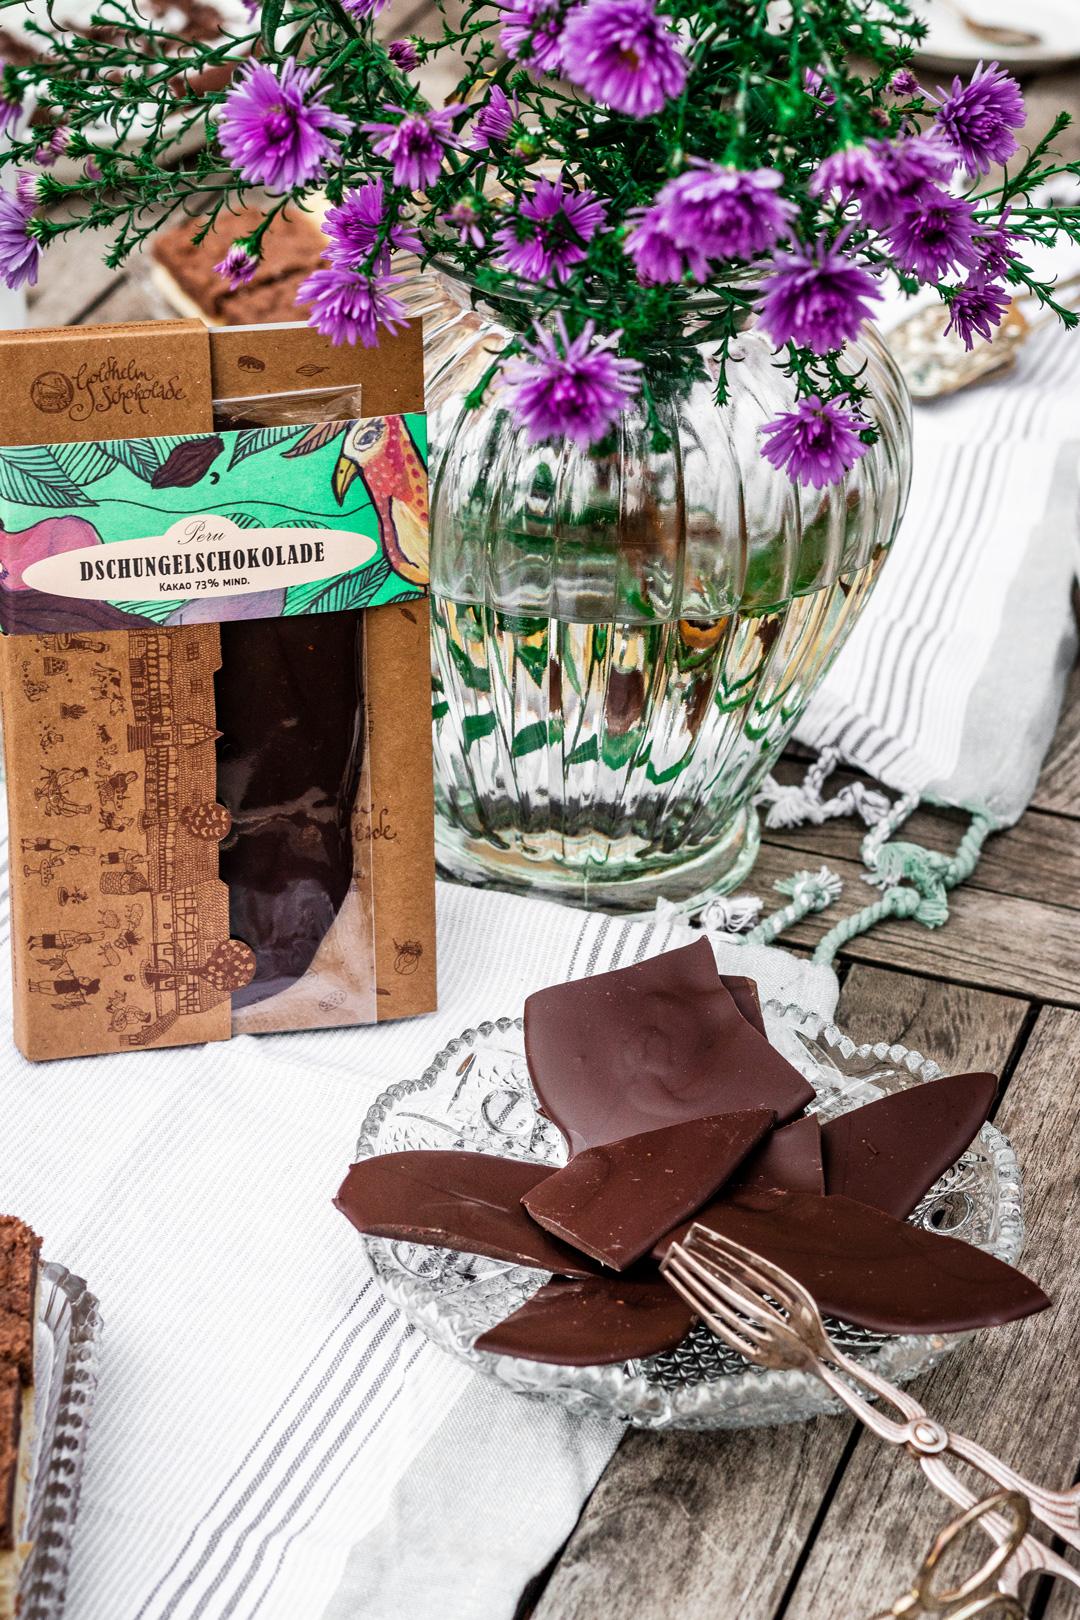 Dschungelschokolade